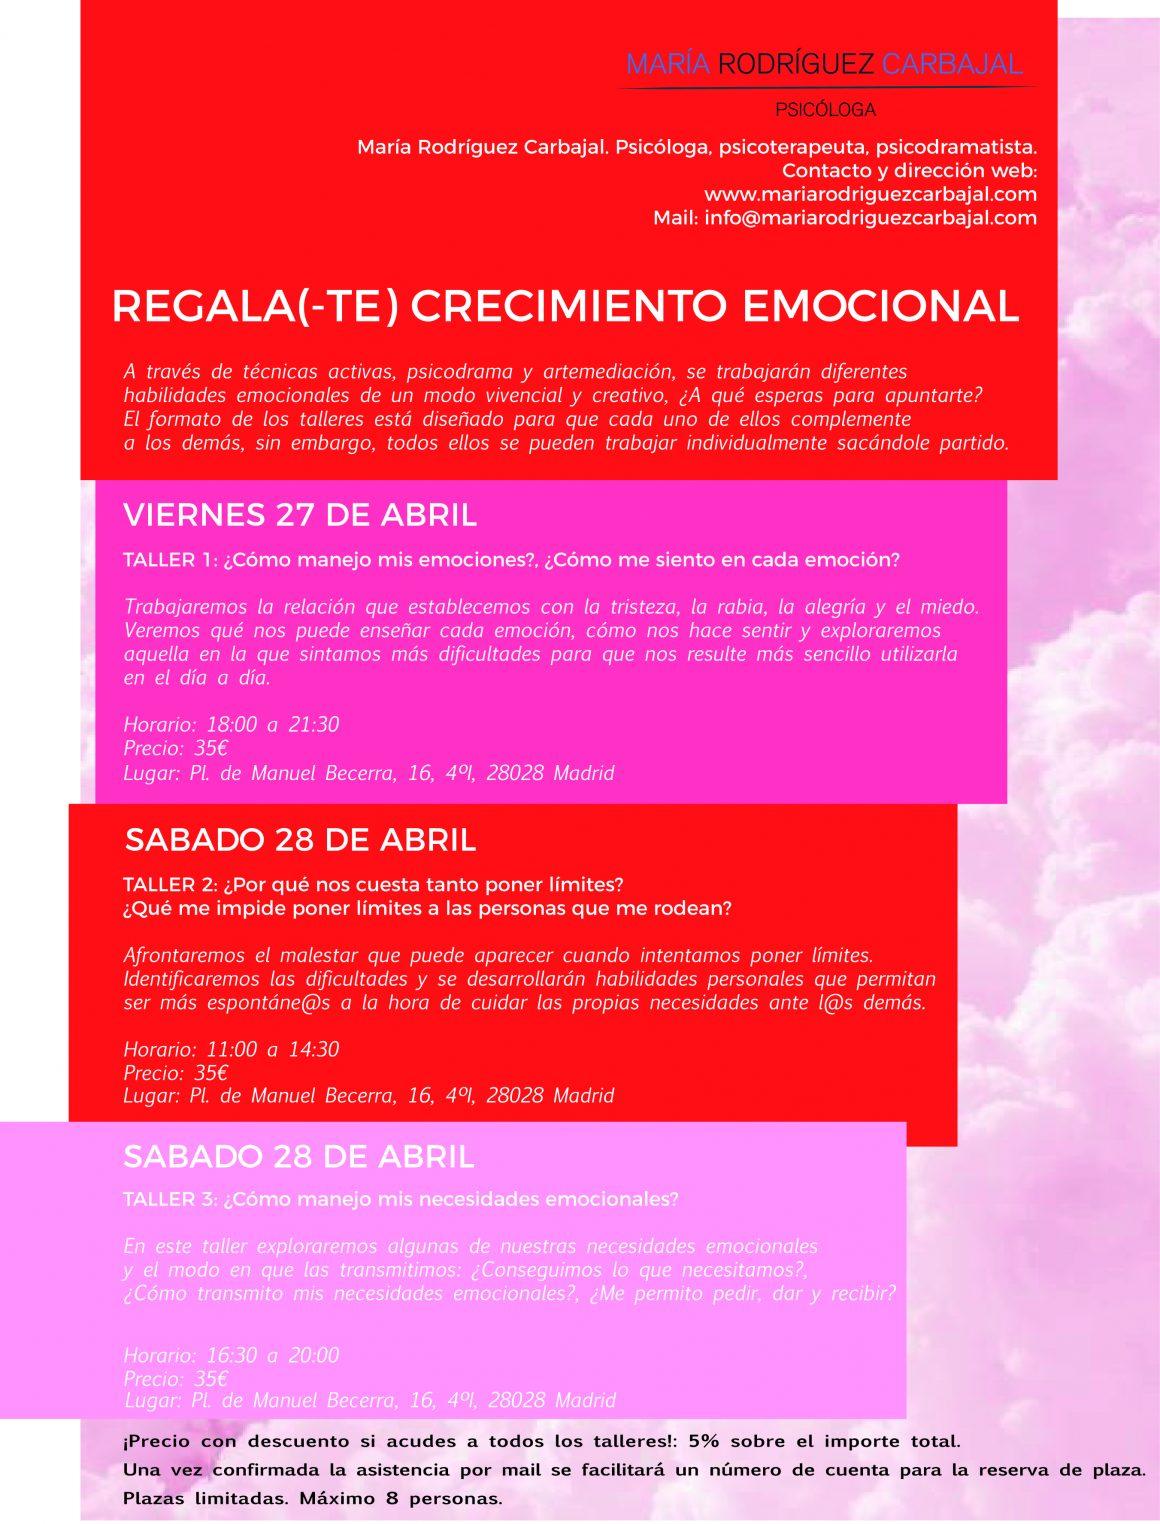 Próximos talleres: REGALA(-TE) CRECIMIENTO EMOCIONAL.